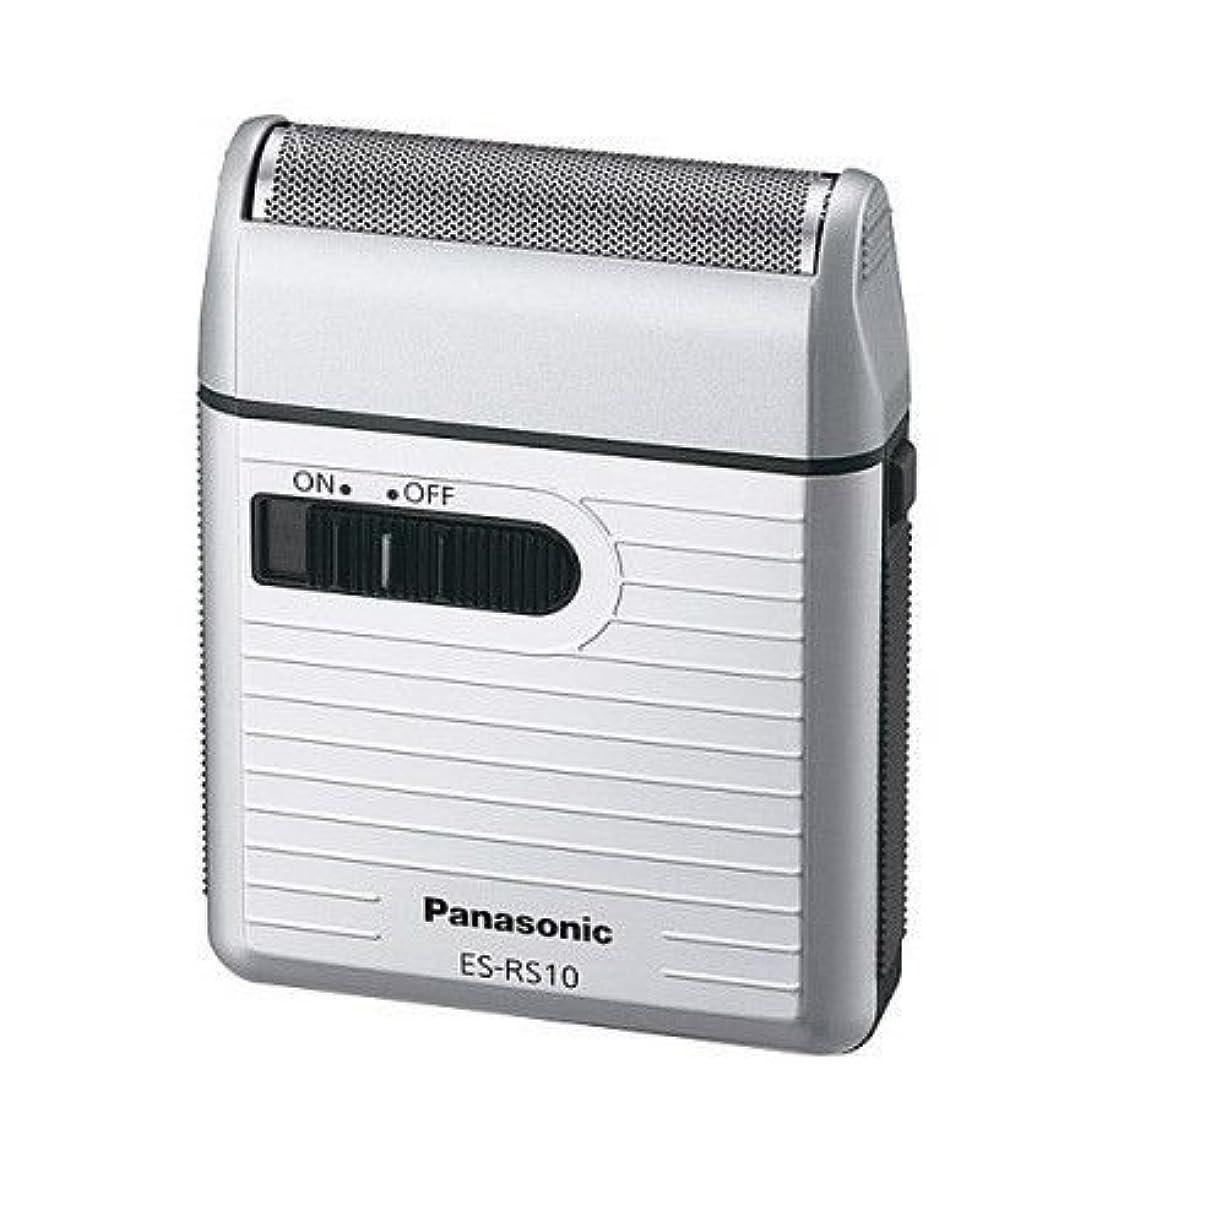 スライム驚いた行Panasonic ES-RS10-S ンズポケットシェーバーシルバー ESRS10 日本製 [並行輸入品]